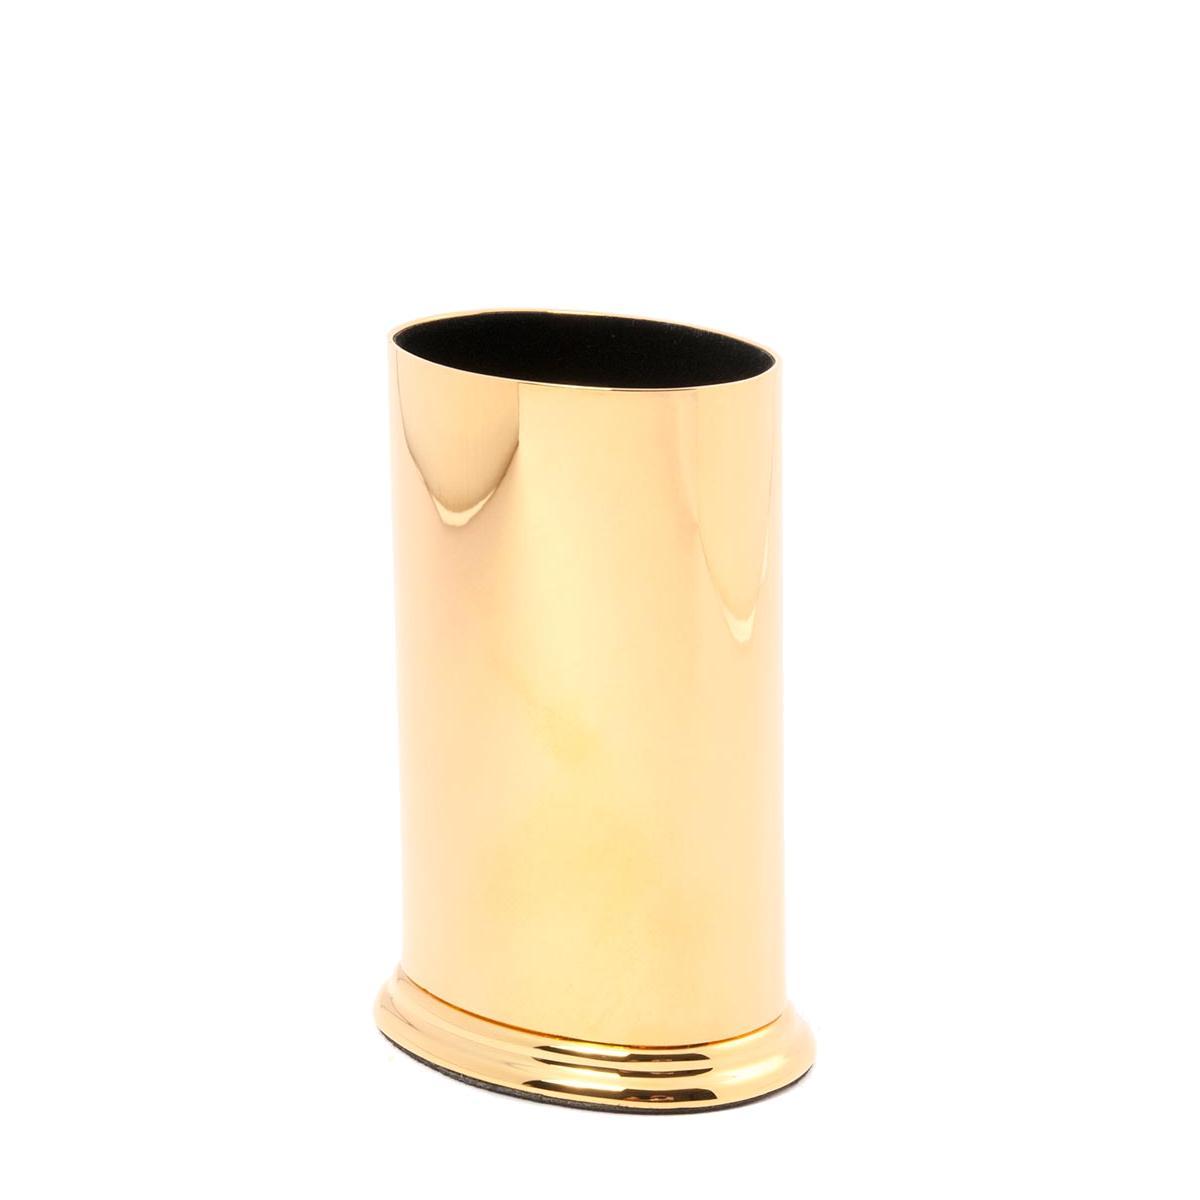 El Casco Brillenständer M652 CT, oval, 23 Karat vergoldet